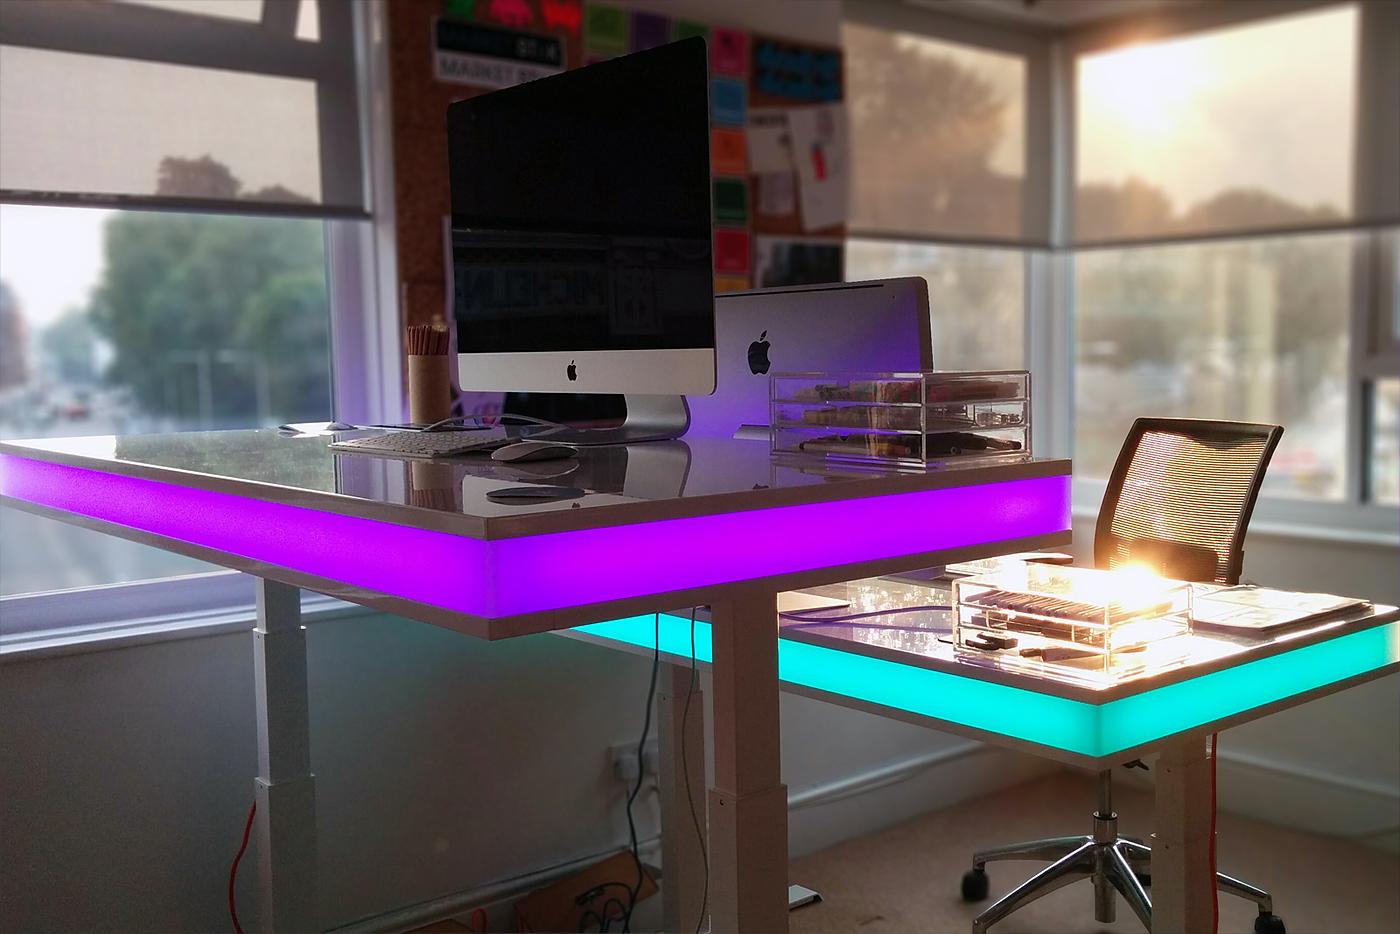 TableAir Smart Desk Changes Height via Sensing Module